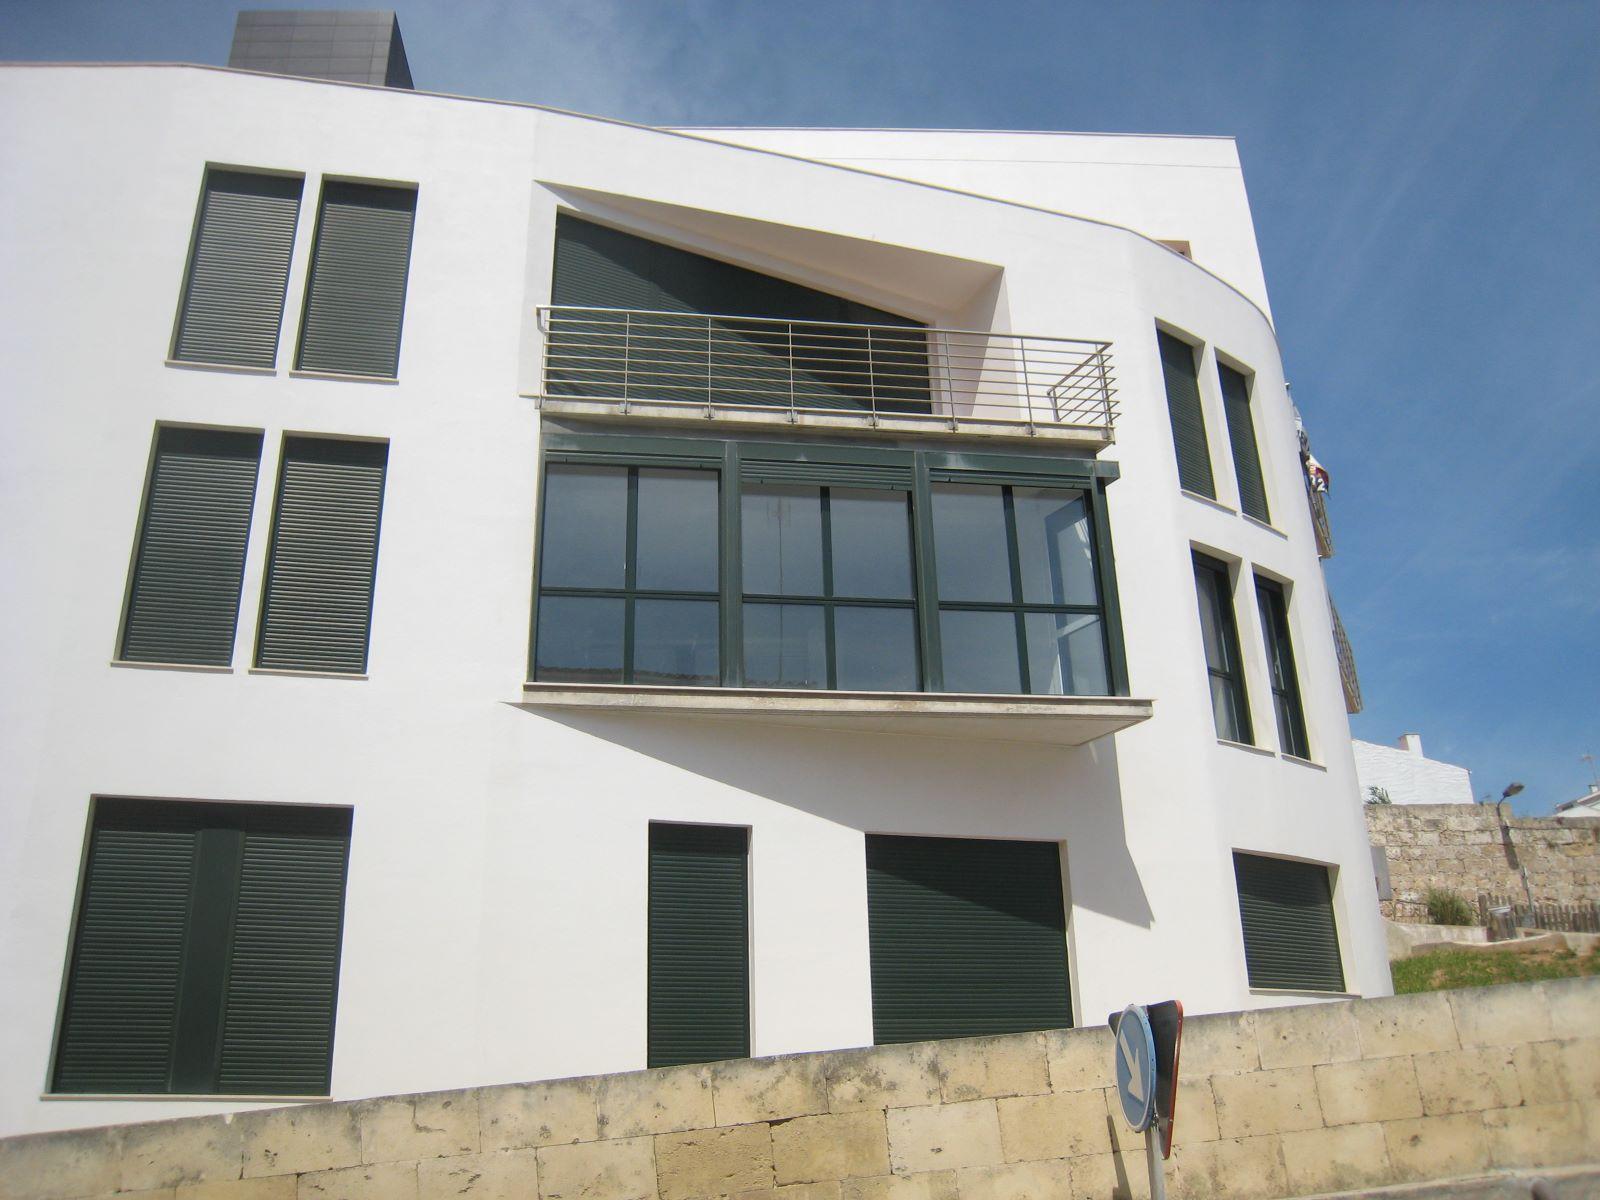 Flat in Es Castell Ref: V2138 (9) 2